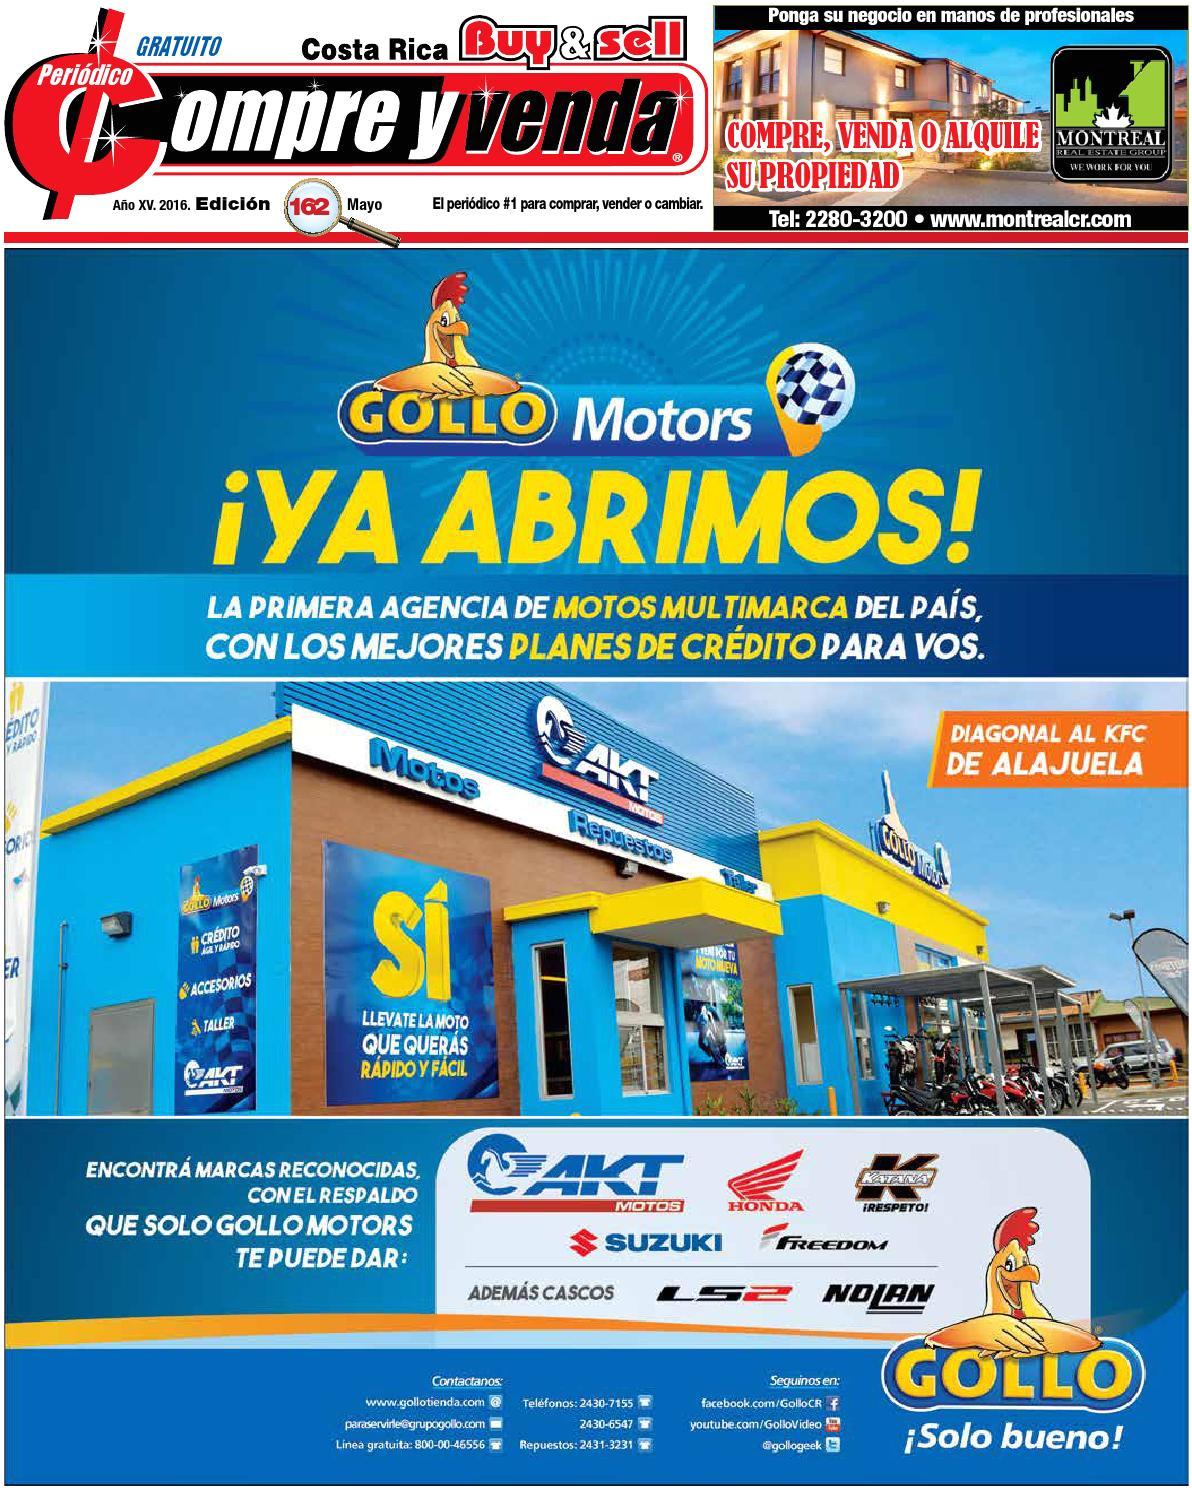 peria dico compre y venda edicia n 162 del mes de mayo del 2016 by magic medias s a issuu